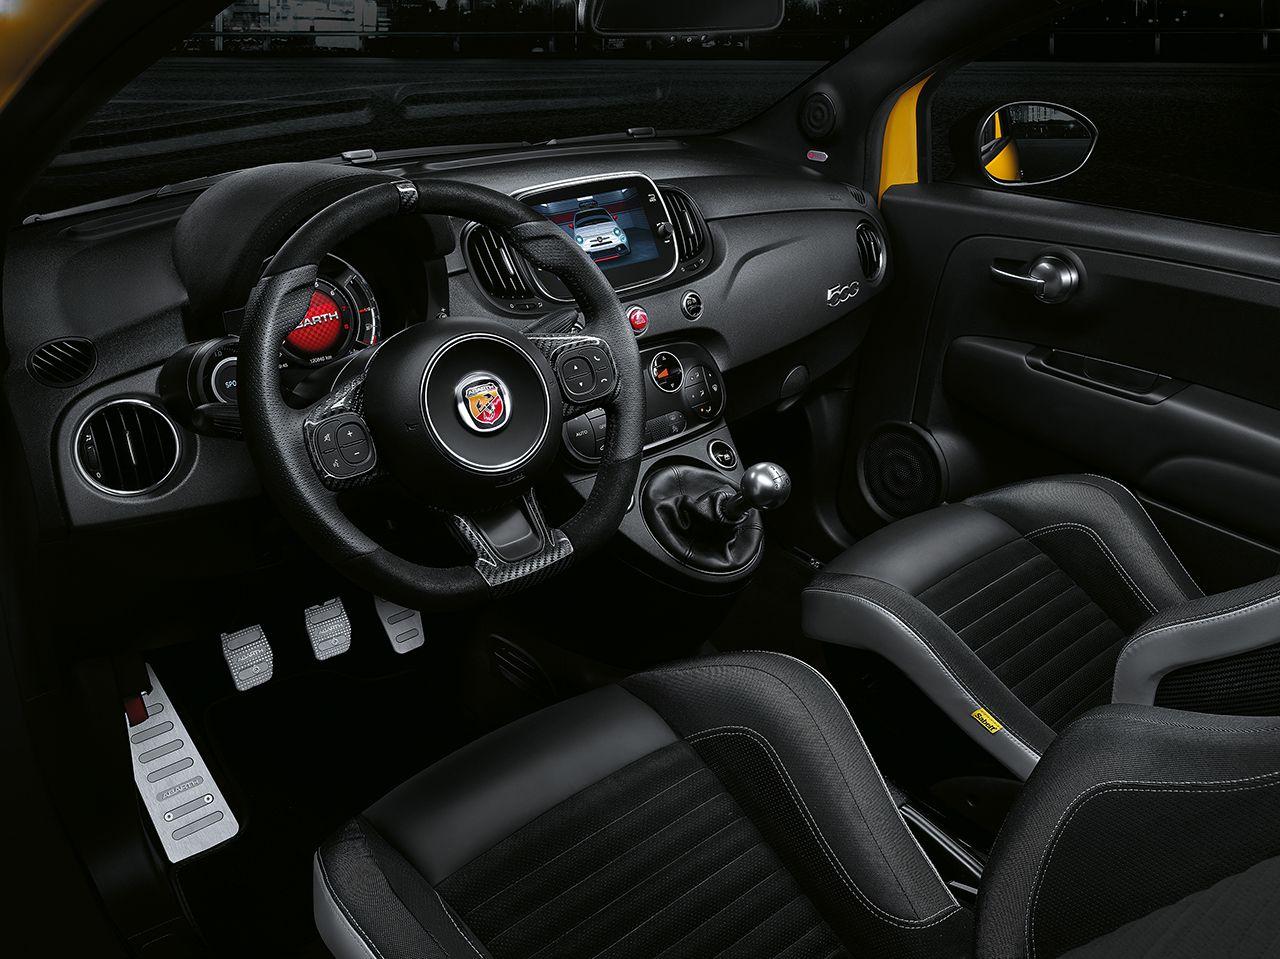 160607 Abarth 595 17 Η τιμή του Abarth 595 πέφτει. Κι άλλο. Abarth, Abarth 595 Competizione, Abarth 695 XSR Yamaha Limited Edition, καινούρια, μεταχειρισμένα, τιμες